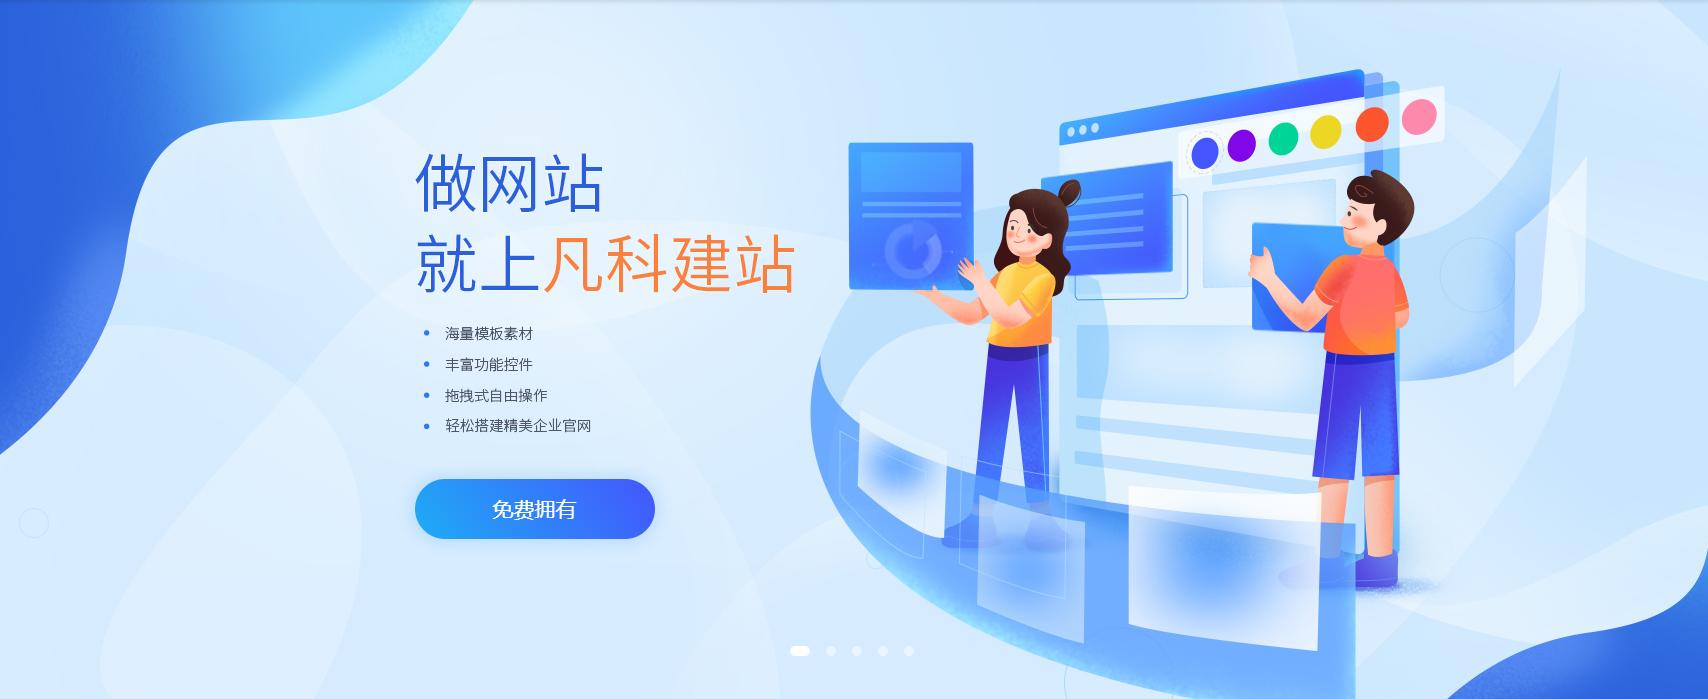 网站banner图设计